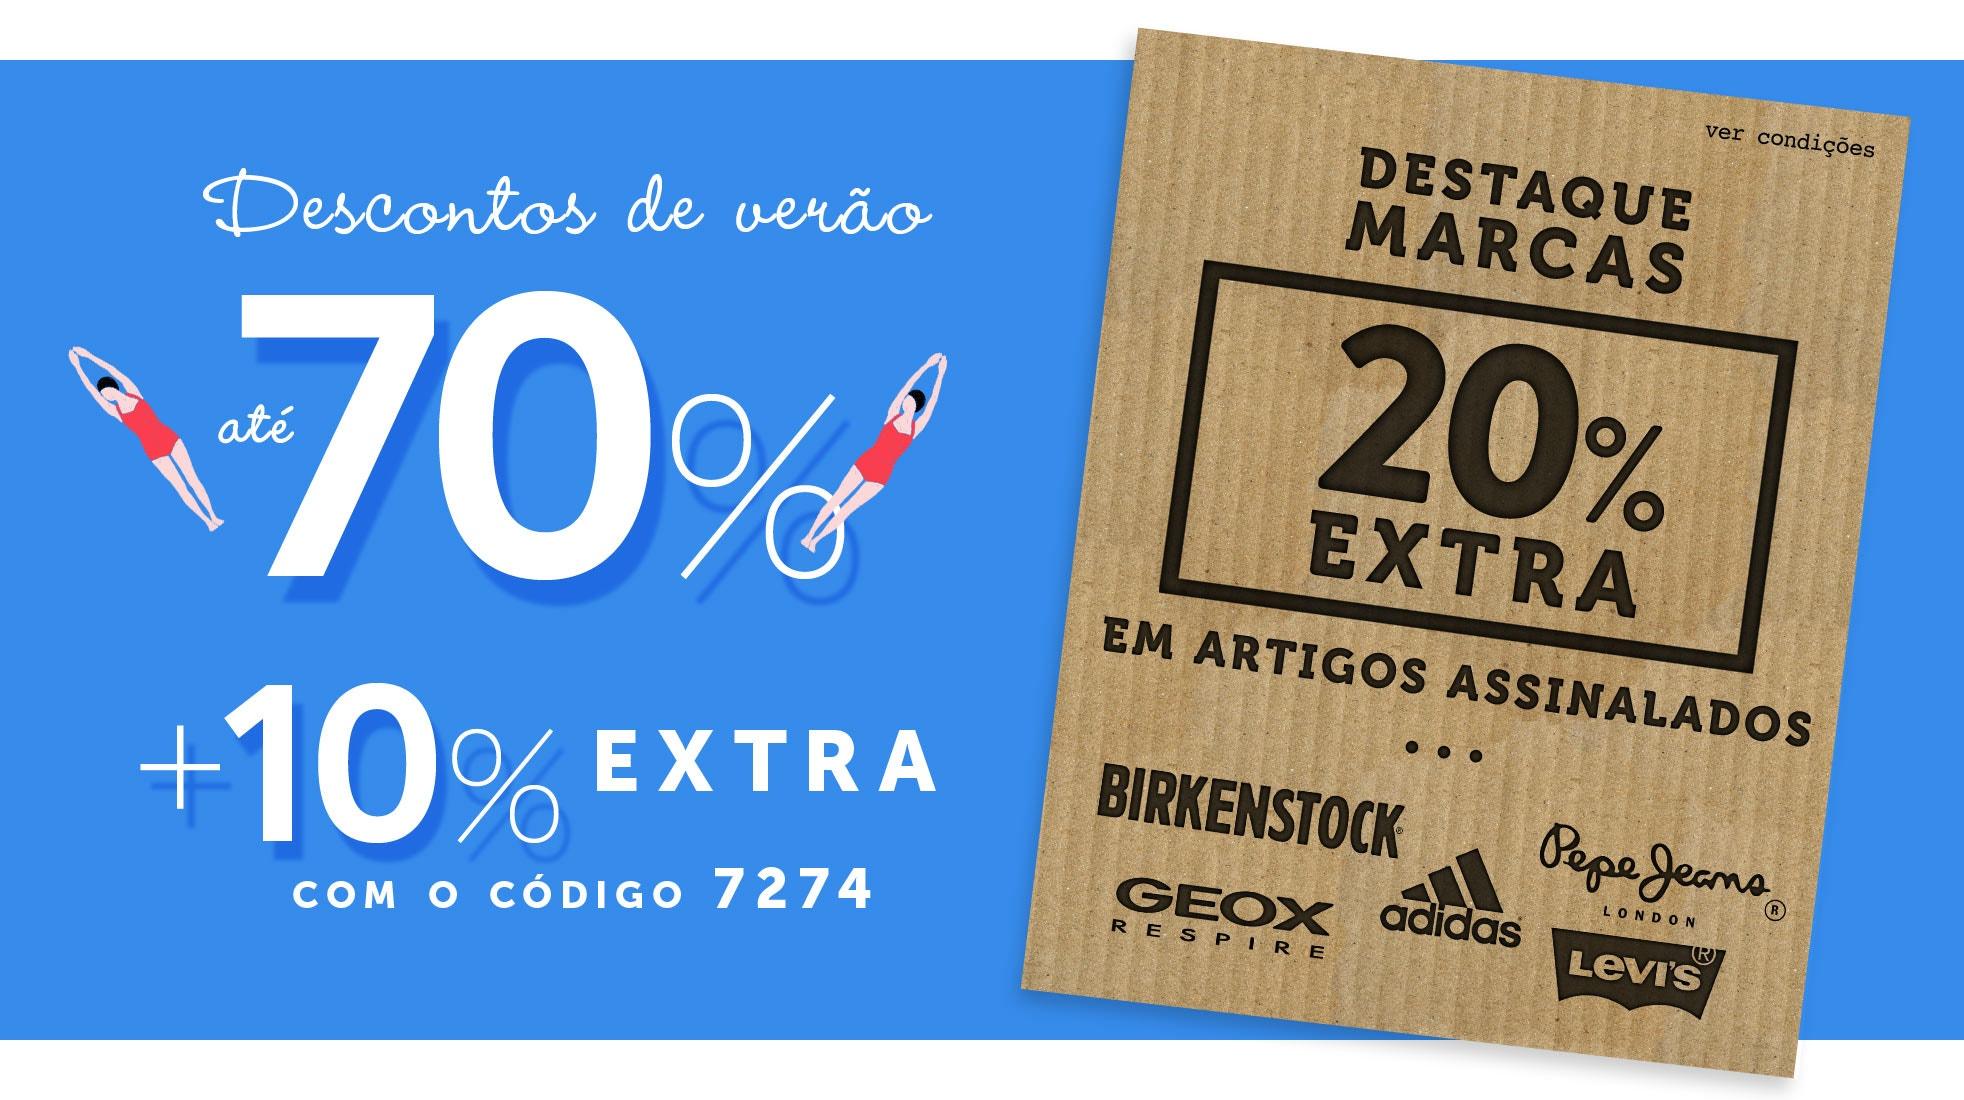 Descontos até -70% + 10% EXTRA e ainda 20% EXTRA em artigos assinalados